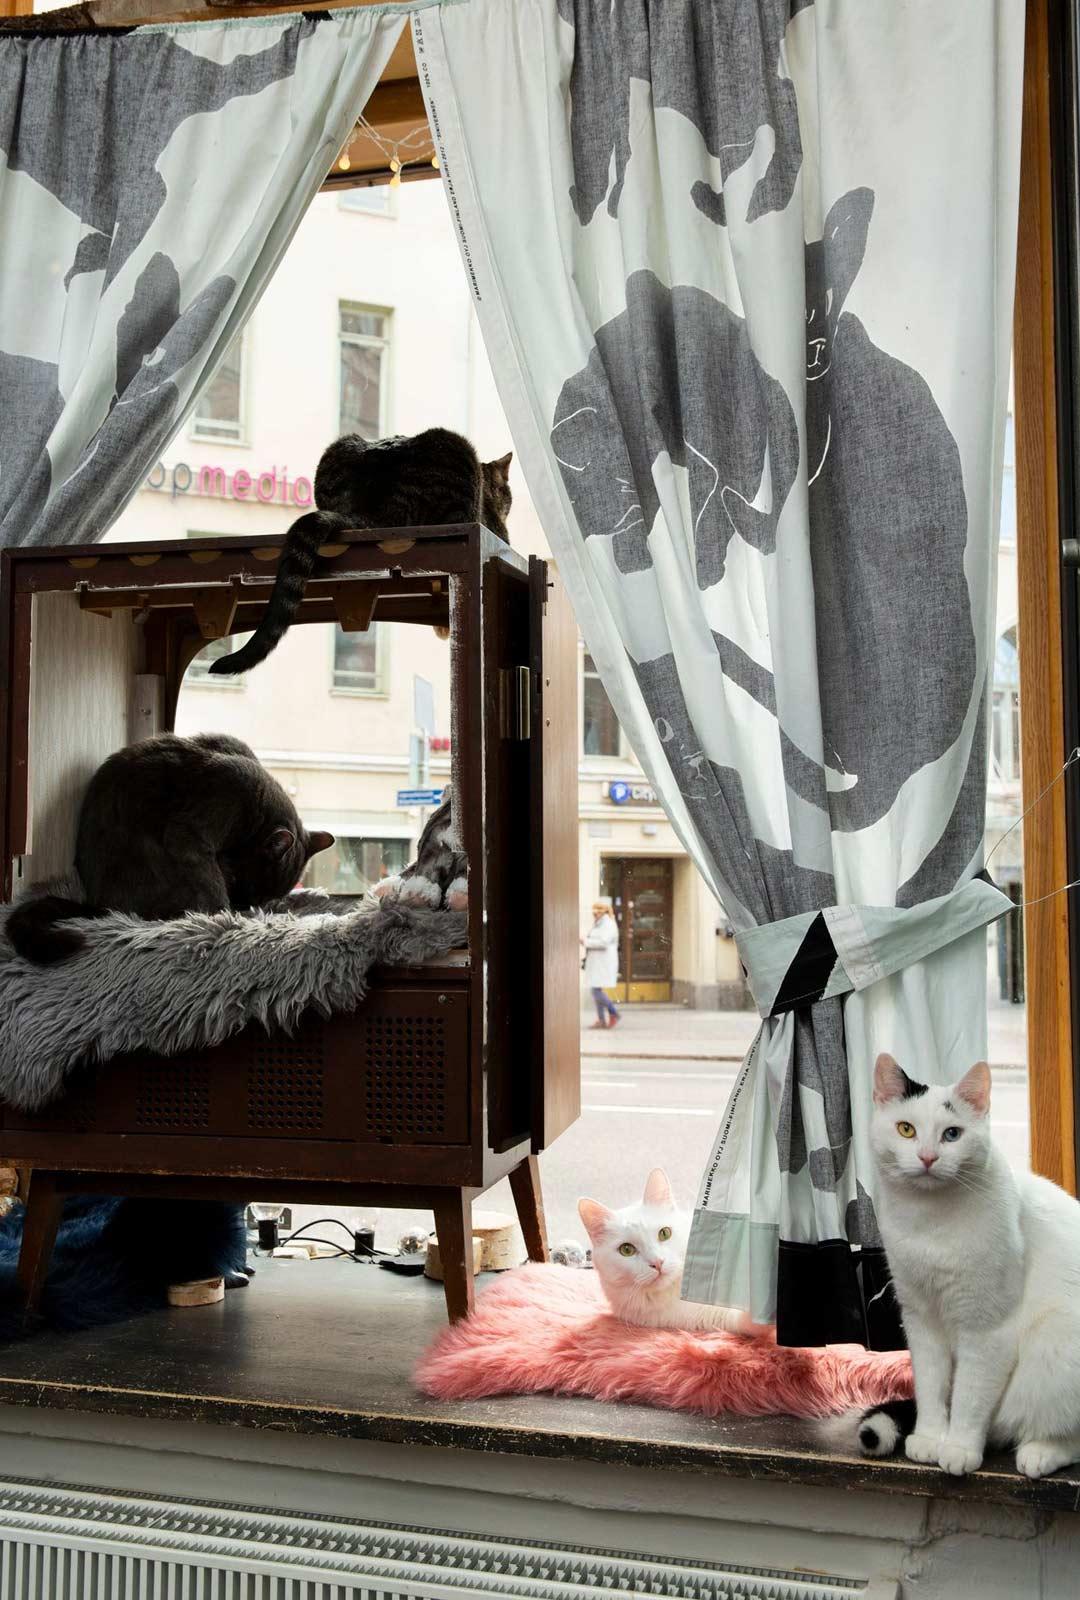 Vanhasta kuvaputkitelkkarista tehty nukkumapaikka on Kissakahvilan kissojen suosiossa.